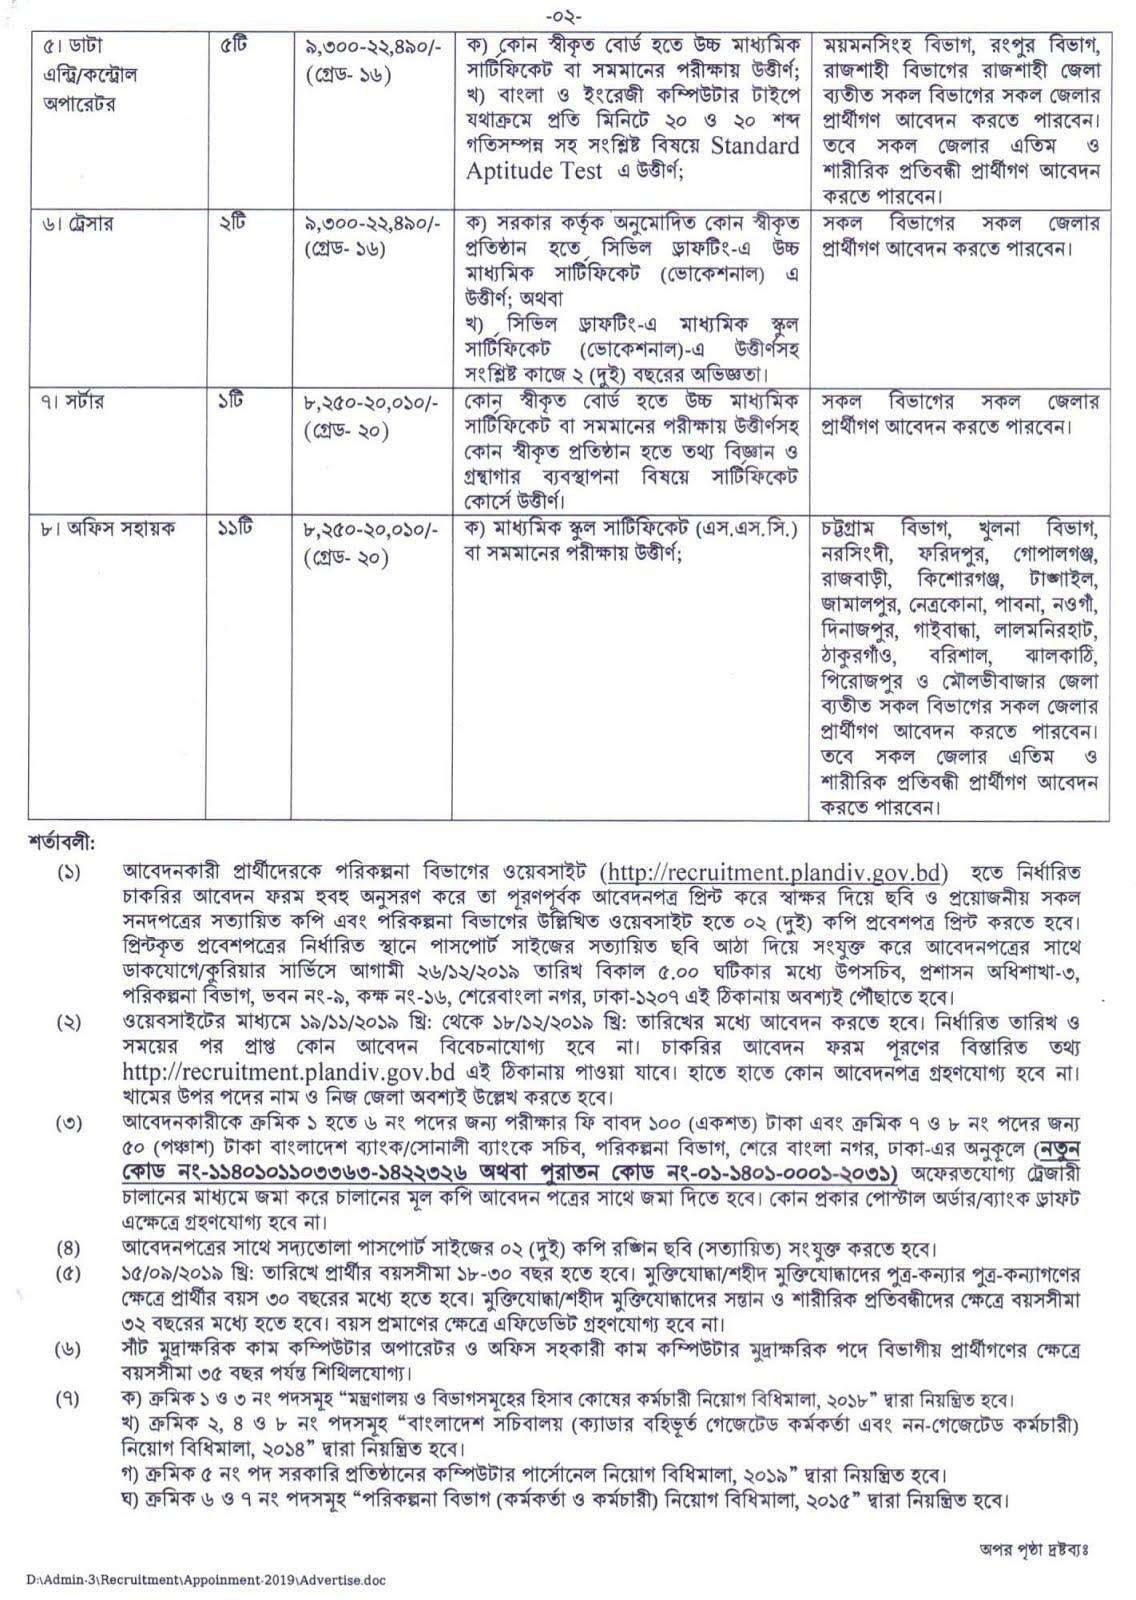 সরকারি চাকরির খবর ২০২০-2020 - পরিকল্পনা বিভাগে নিয়োগ বিজ্ঞপ্তি ২০২০ – Planning Division Job Circular 2020 -